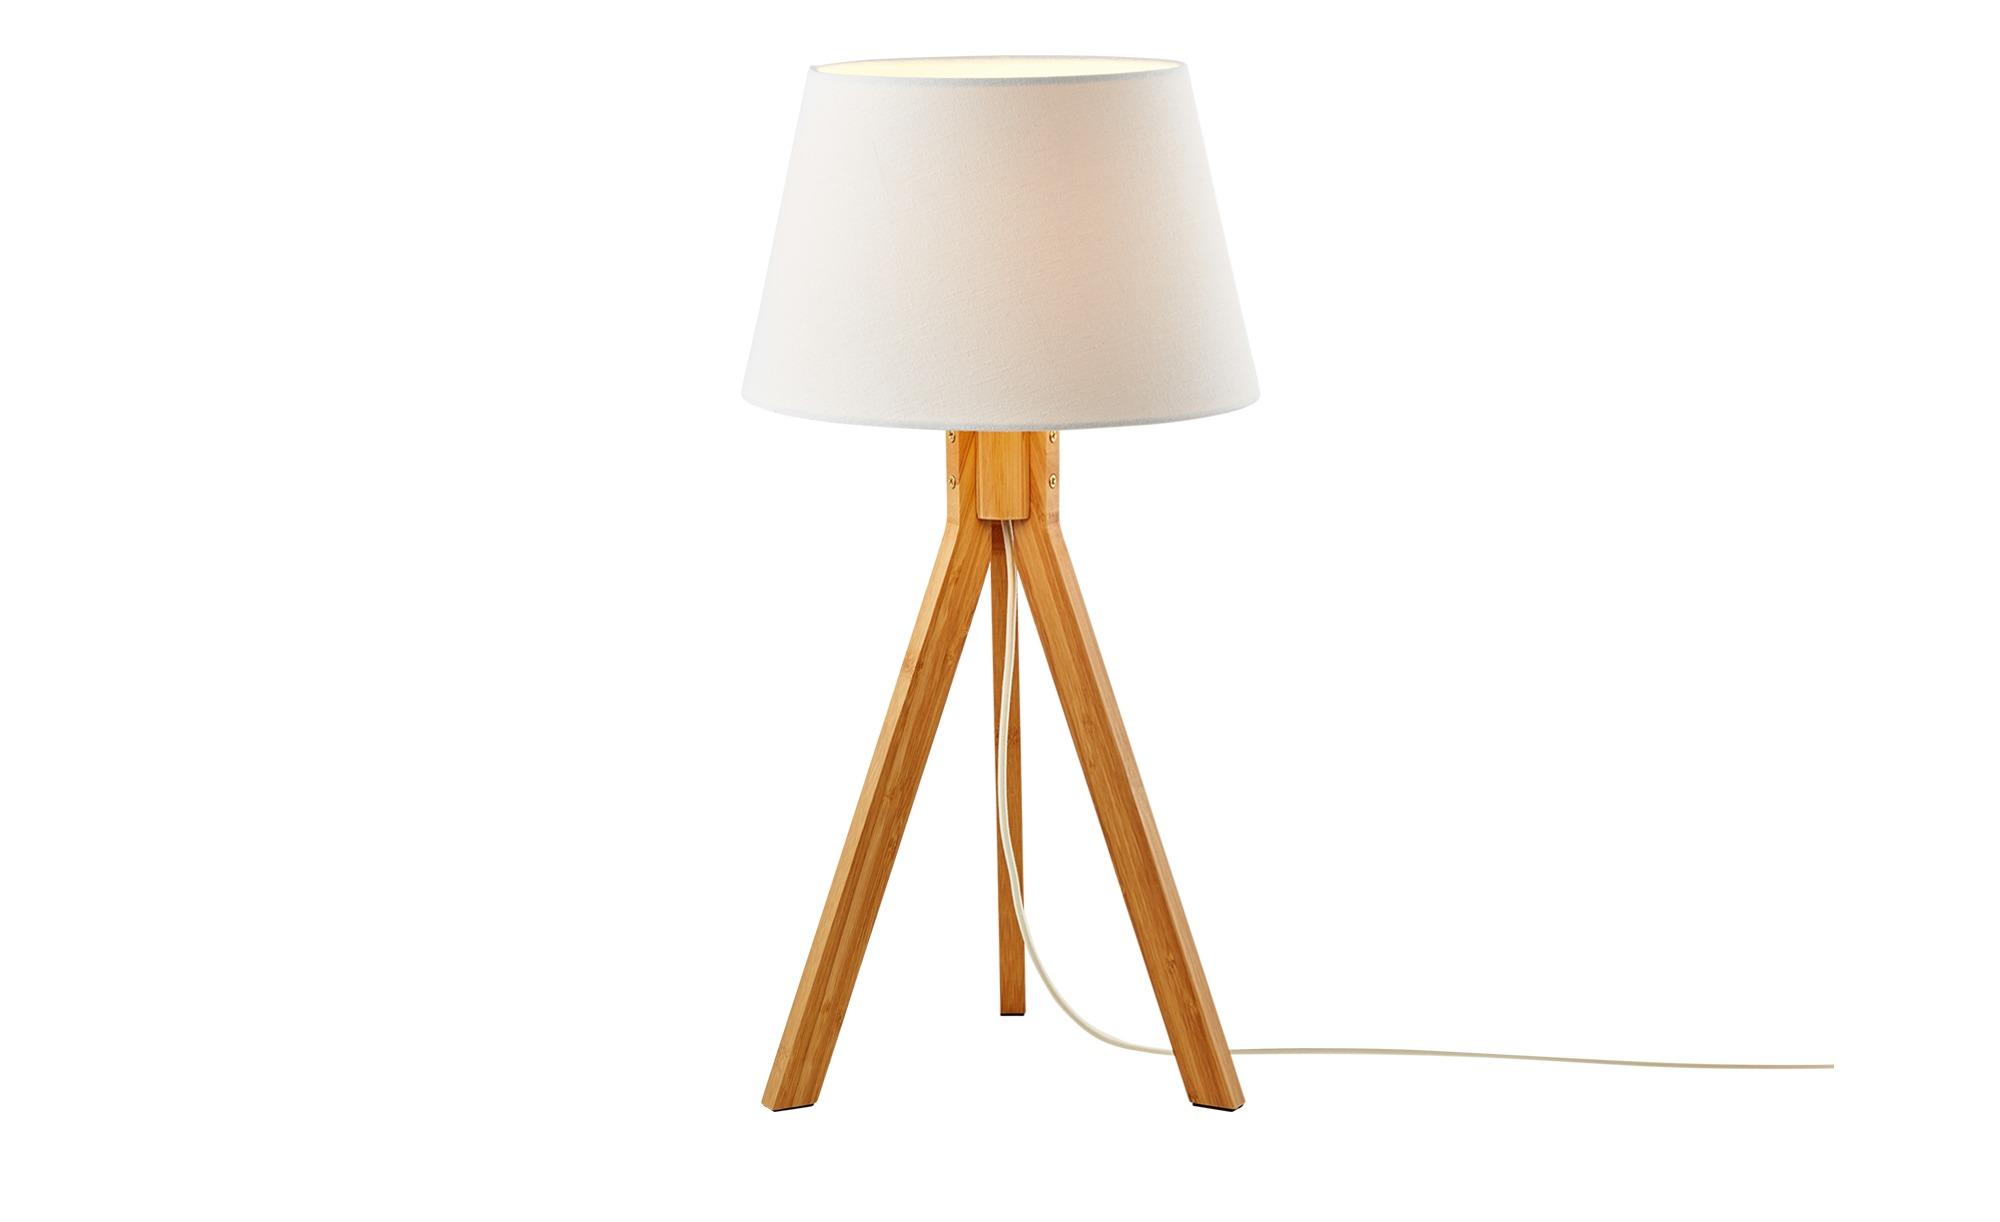 HOME STORY 3-Bein Tischleuchte, 1-flammig ¦ holzfarben ¦ Maße (cm): H: 55 Ø: [28.0] Lampen & Leuchten > Innenleuchten > Tischlampen - Höffner